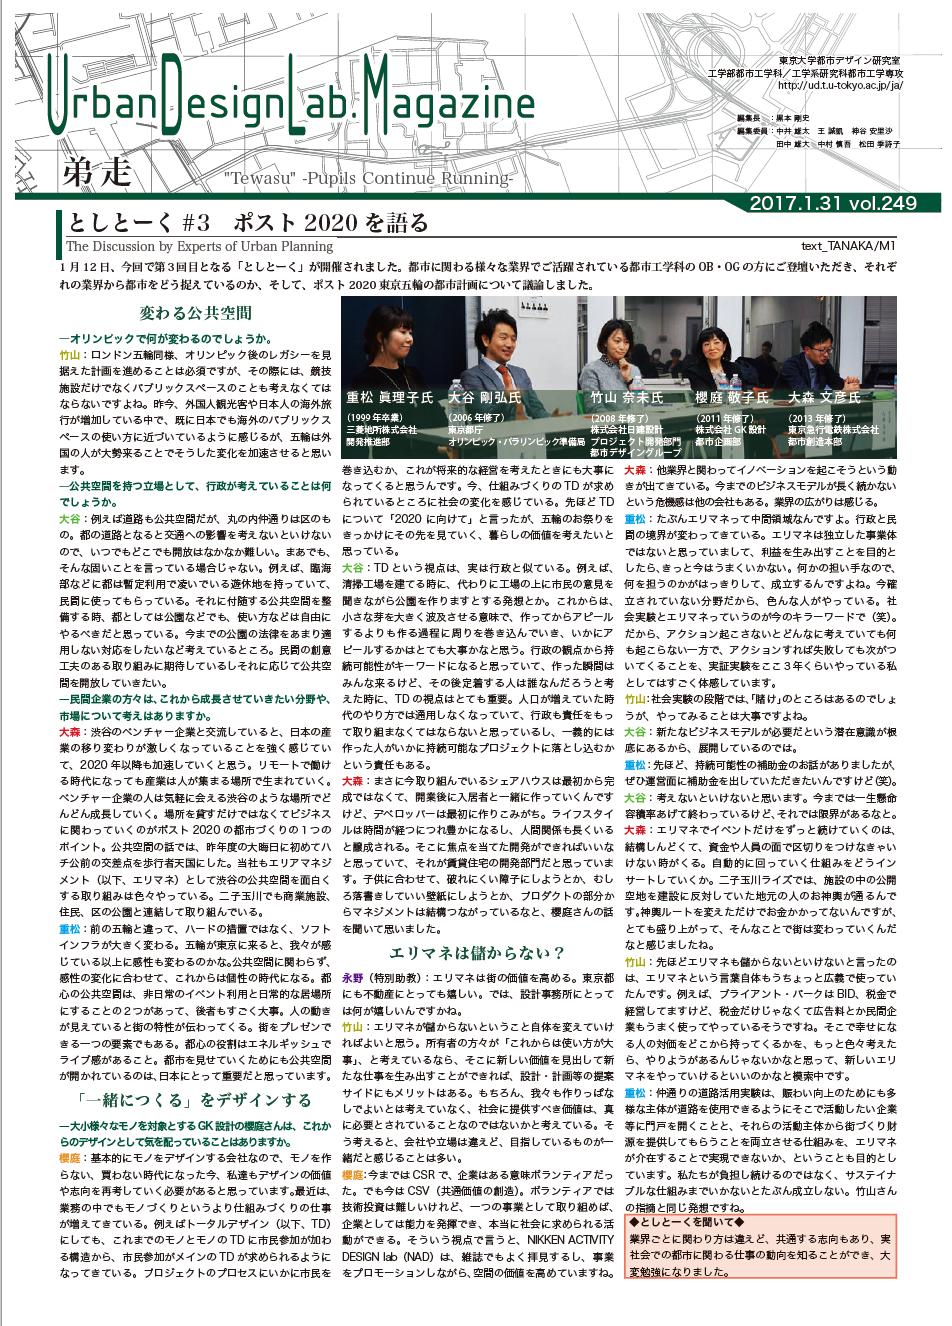 http://ud.t.u-tokyo.ac.jp/blog/_images/%E3%82%B9%E3%82%AF%E3%83%AA%E3%83%BC%E3%83%B3%E3%82%B7%E3%83%A7%E3%83%83%E3%83%88%202017-01-31%2020.23.03.png